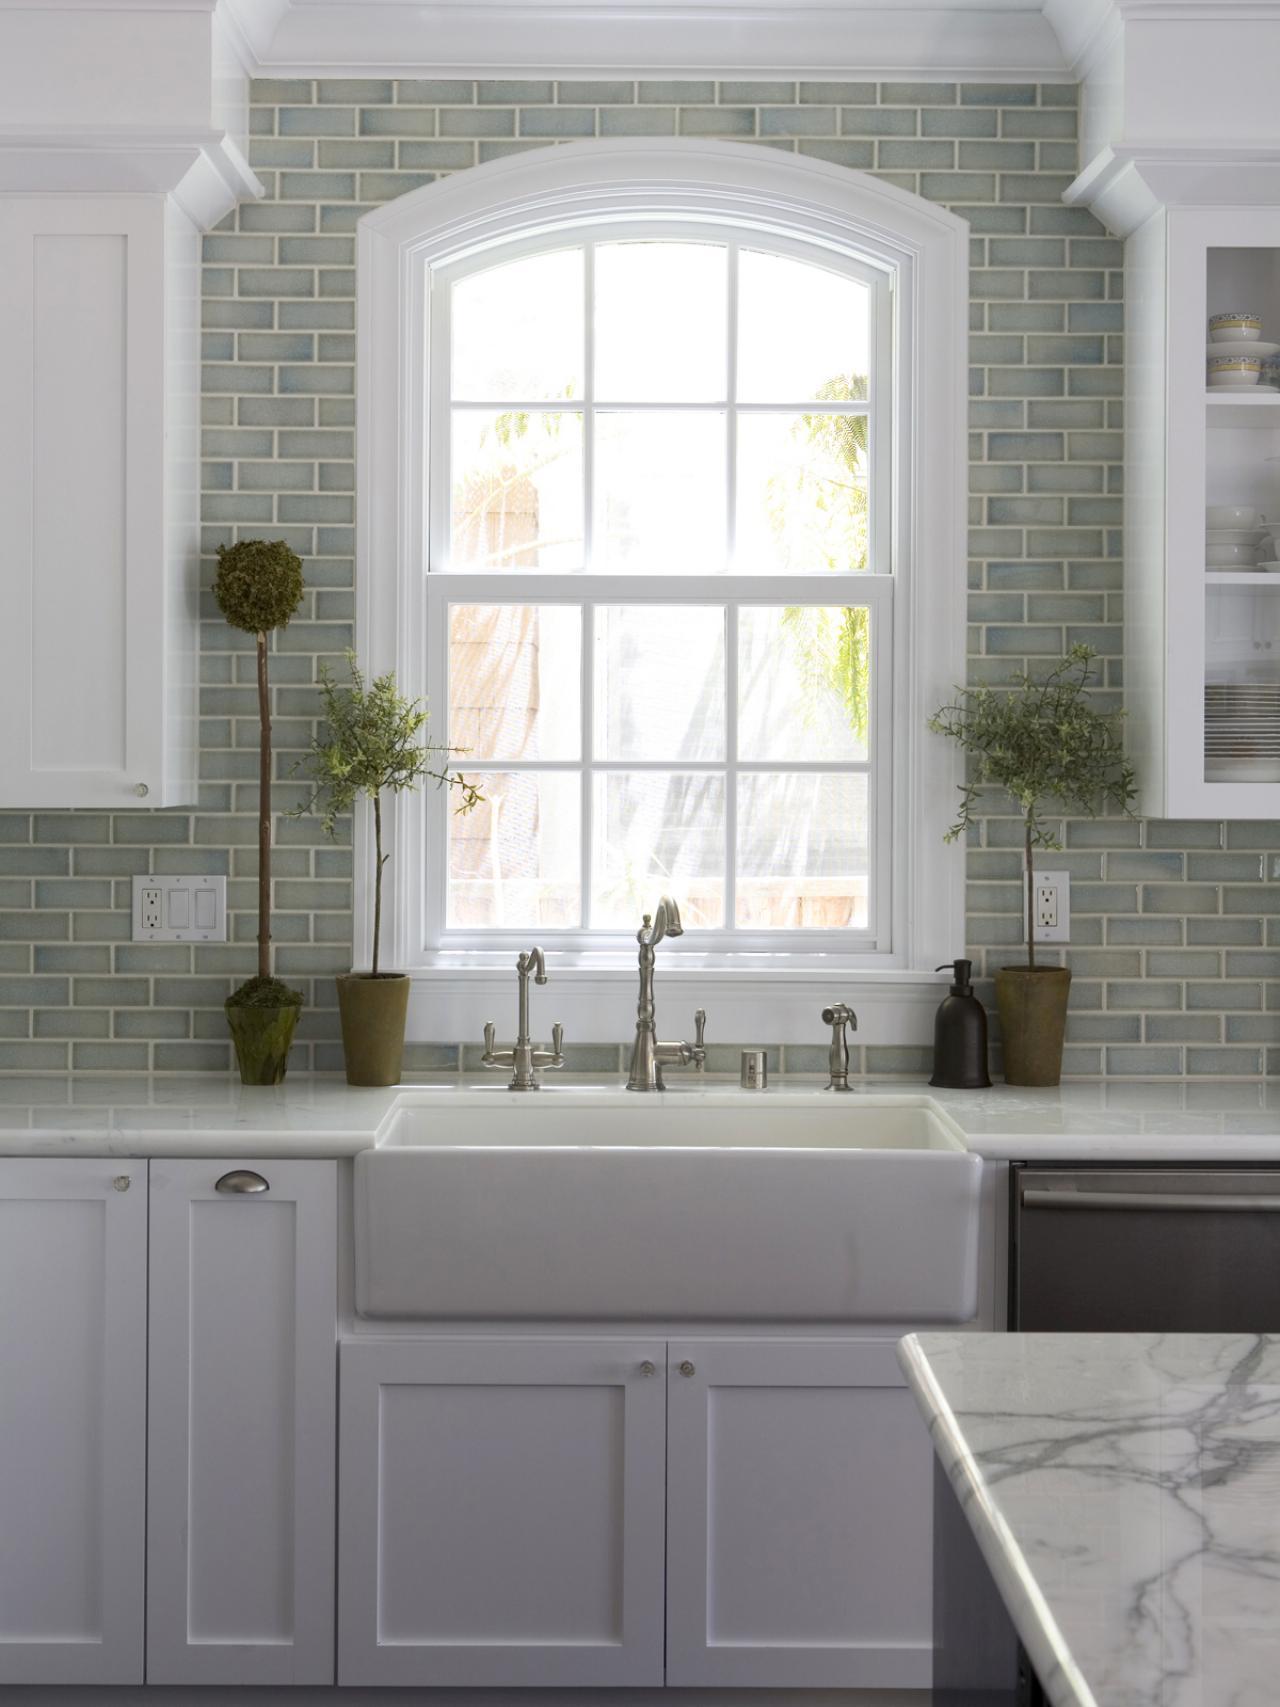 DP_Fiorella-Design-White-Kitchen-Sink_s3x4.jpg.rend.hgtvcom.1280.1707